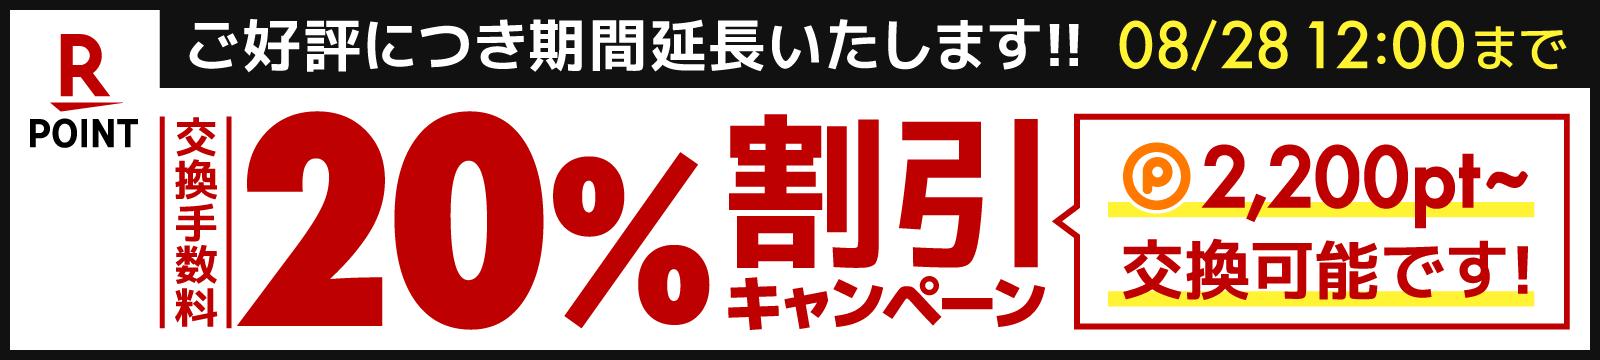 楽天ポイント交換手数料20%割引キャンペーン